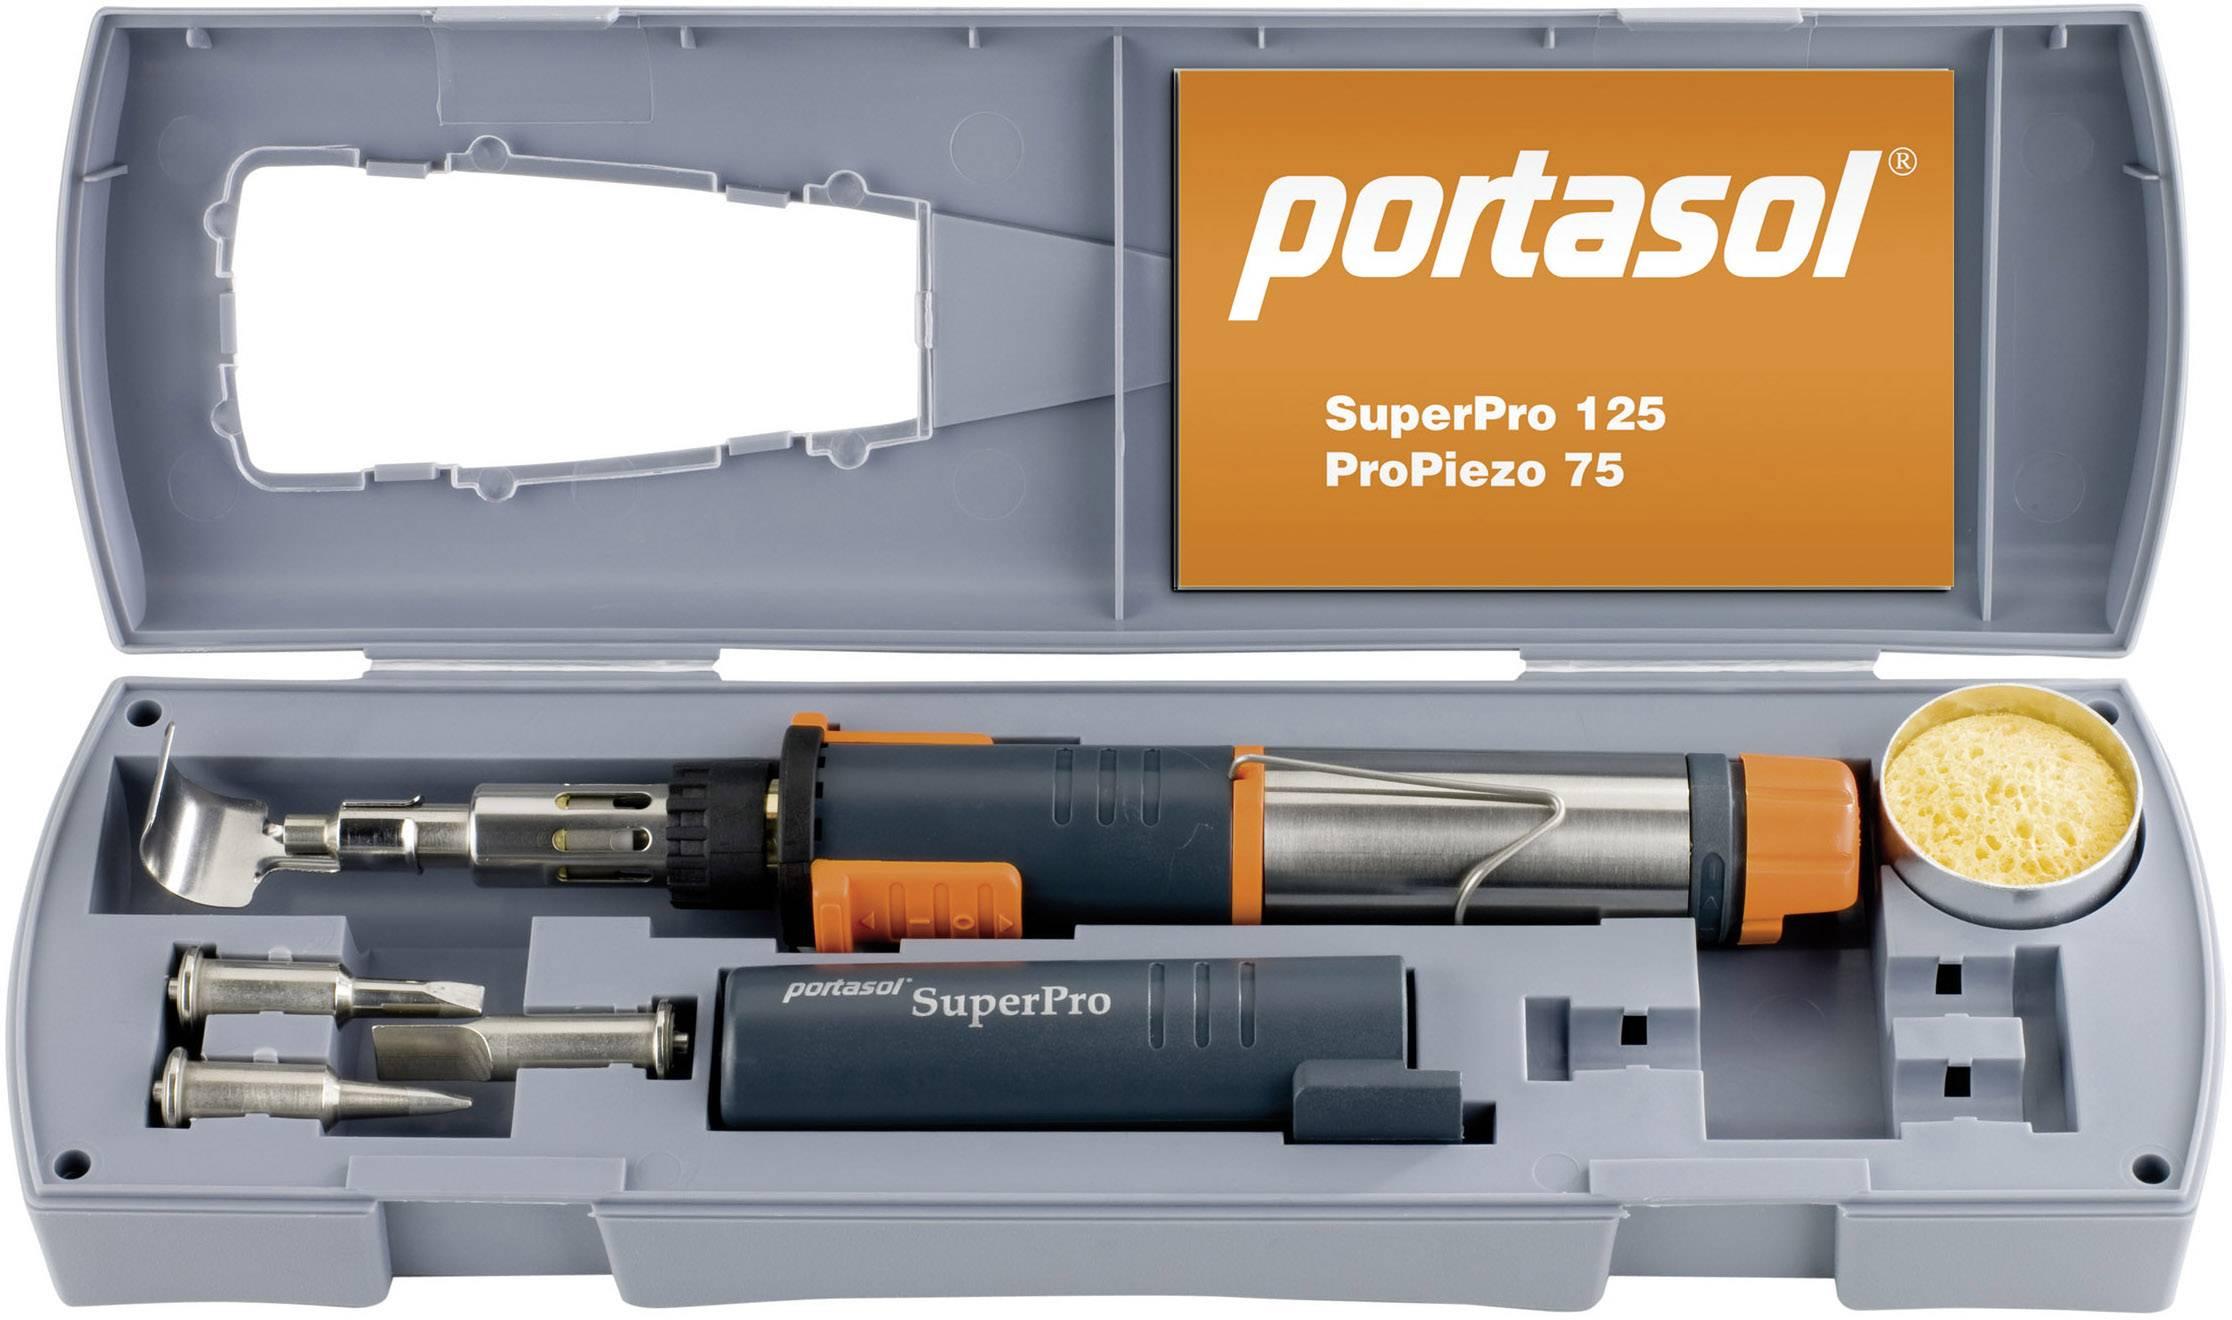 Sada plynovej spájkovačky Portasol SuperPro Set, 625 °C, 90 min + piezozapaľovač